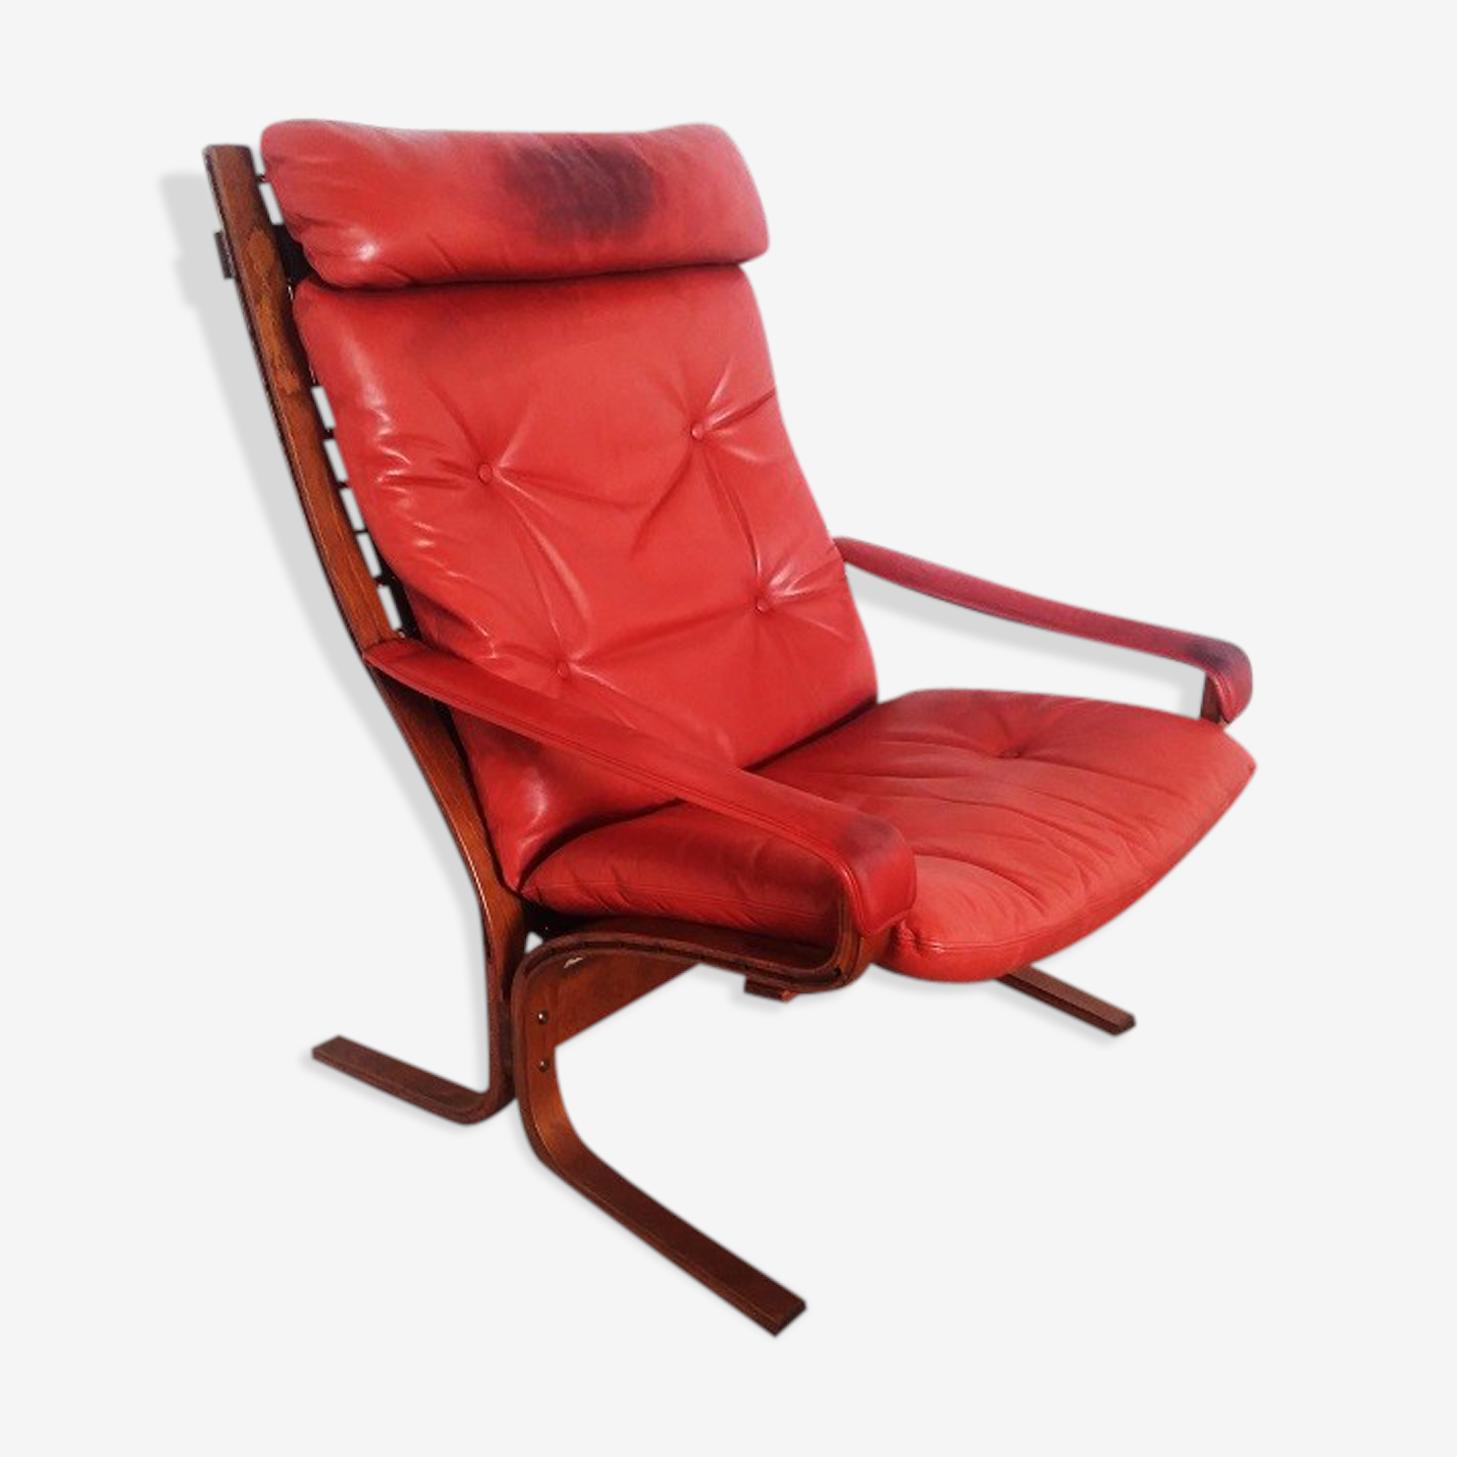 Scandinavian armchair Siesta by Ingmar Relling